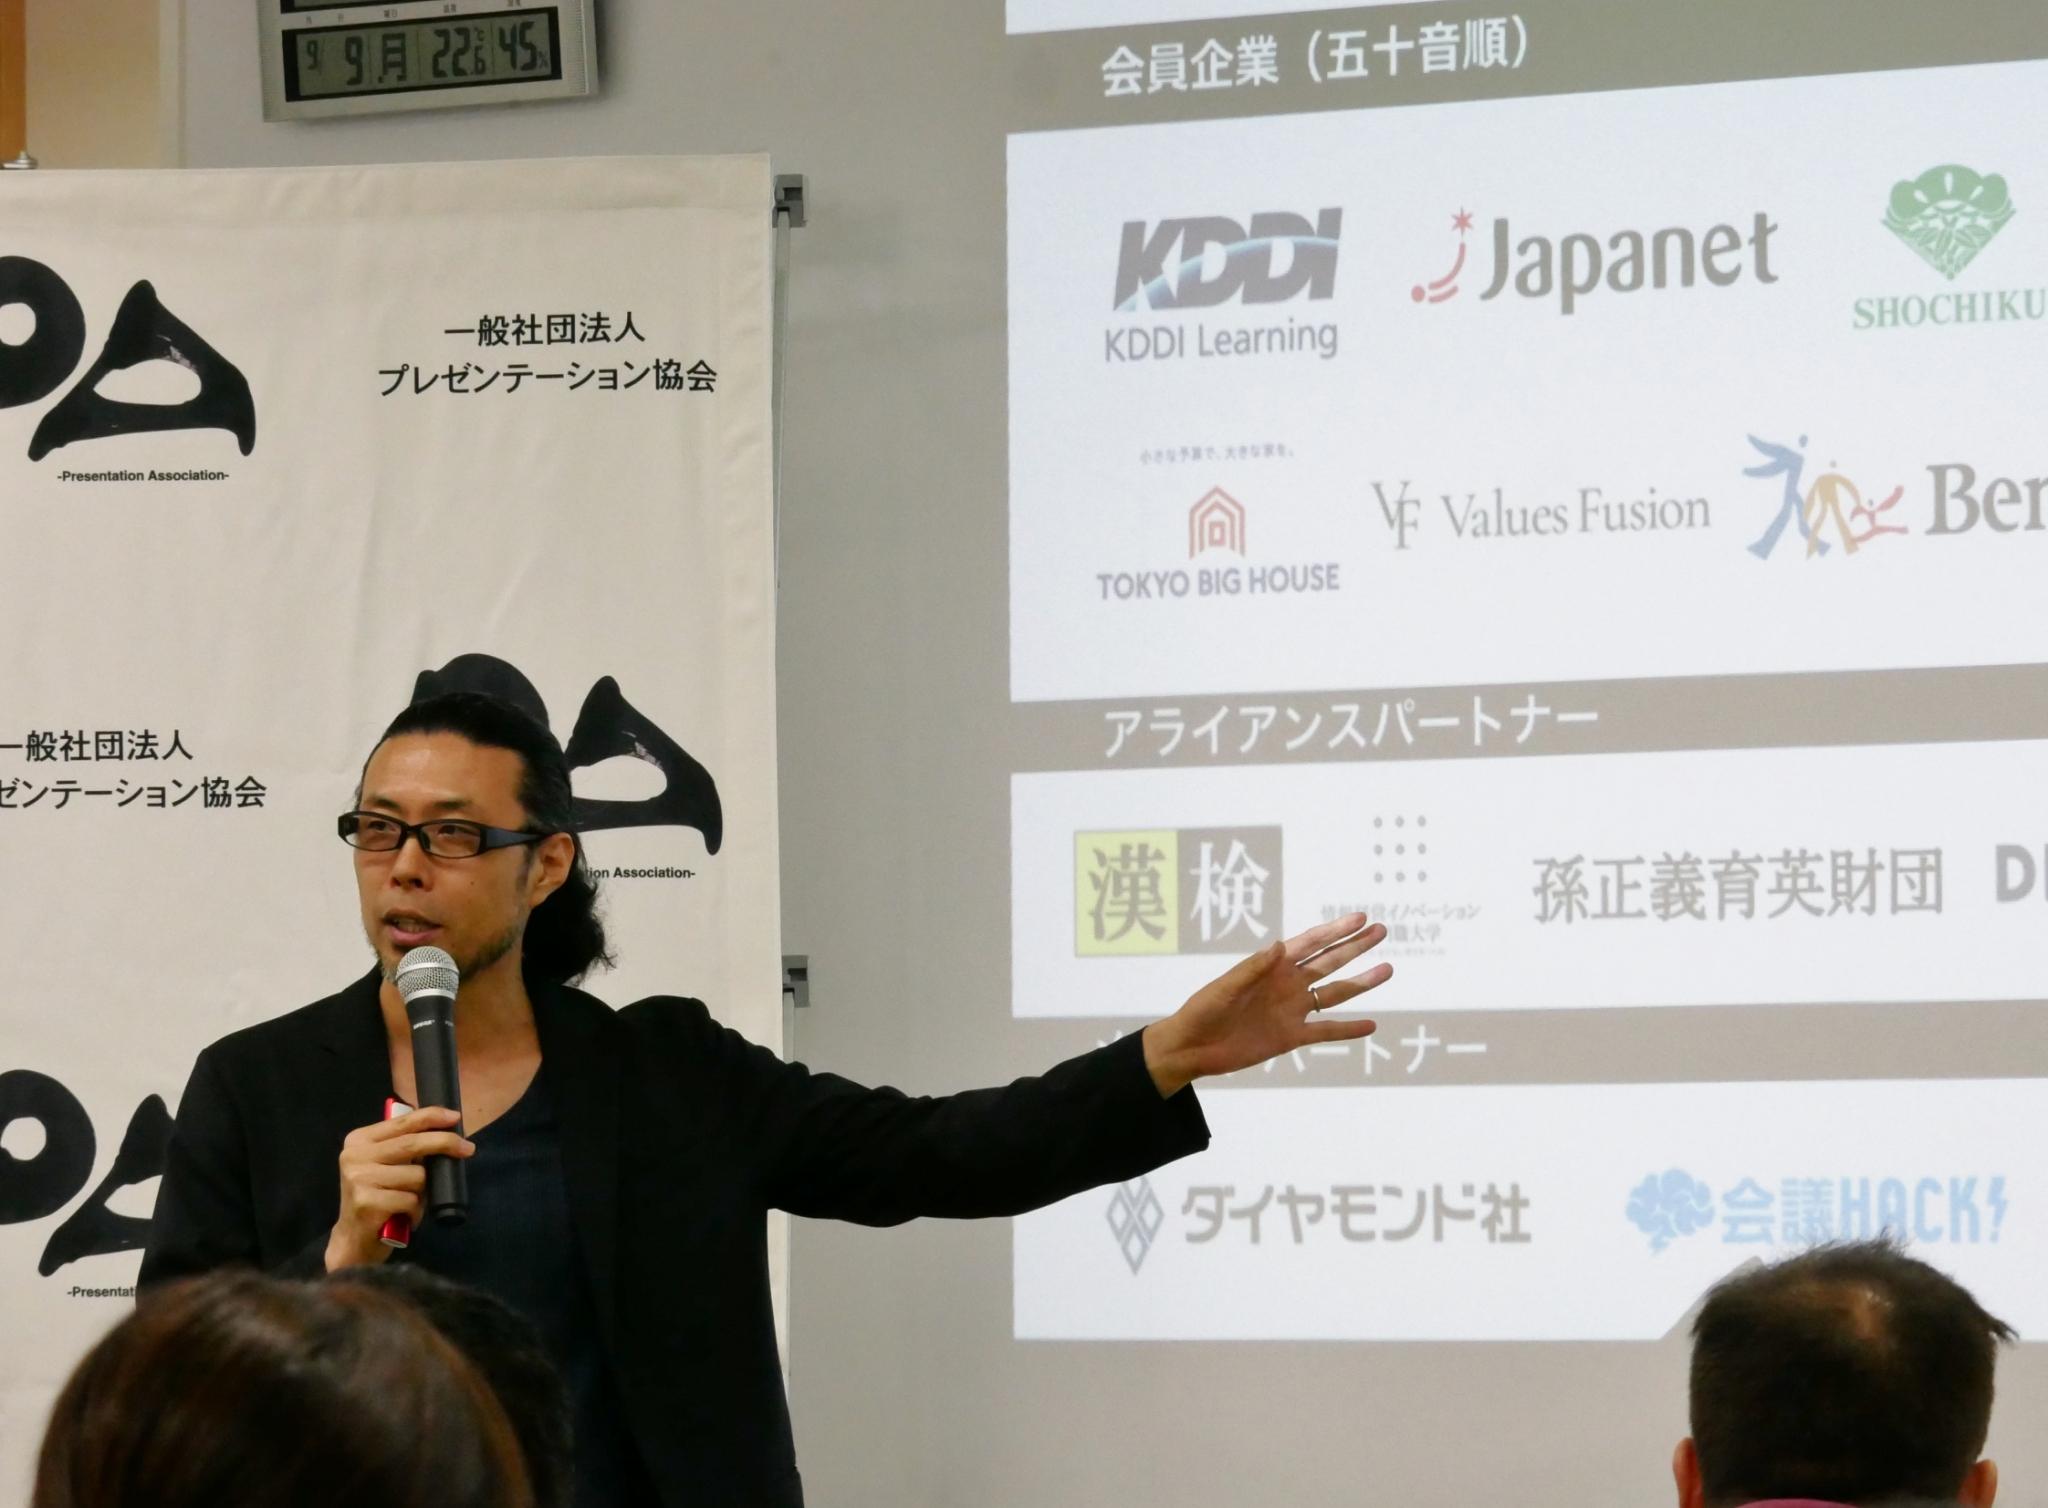 これからのビジネス・教育には「プレゼンテーション力」が必須!ソフトバンク、ベネッセをはじめ21社が加盟。日本のプレゼン力の底上げを目指しプレゼンテーション協会…